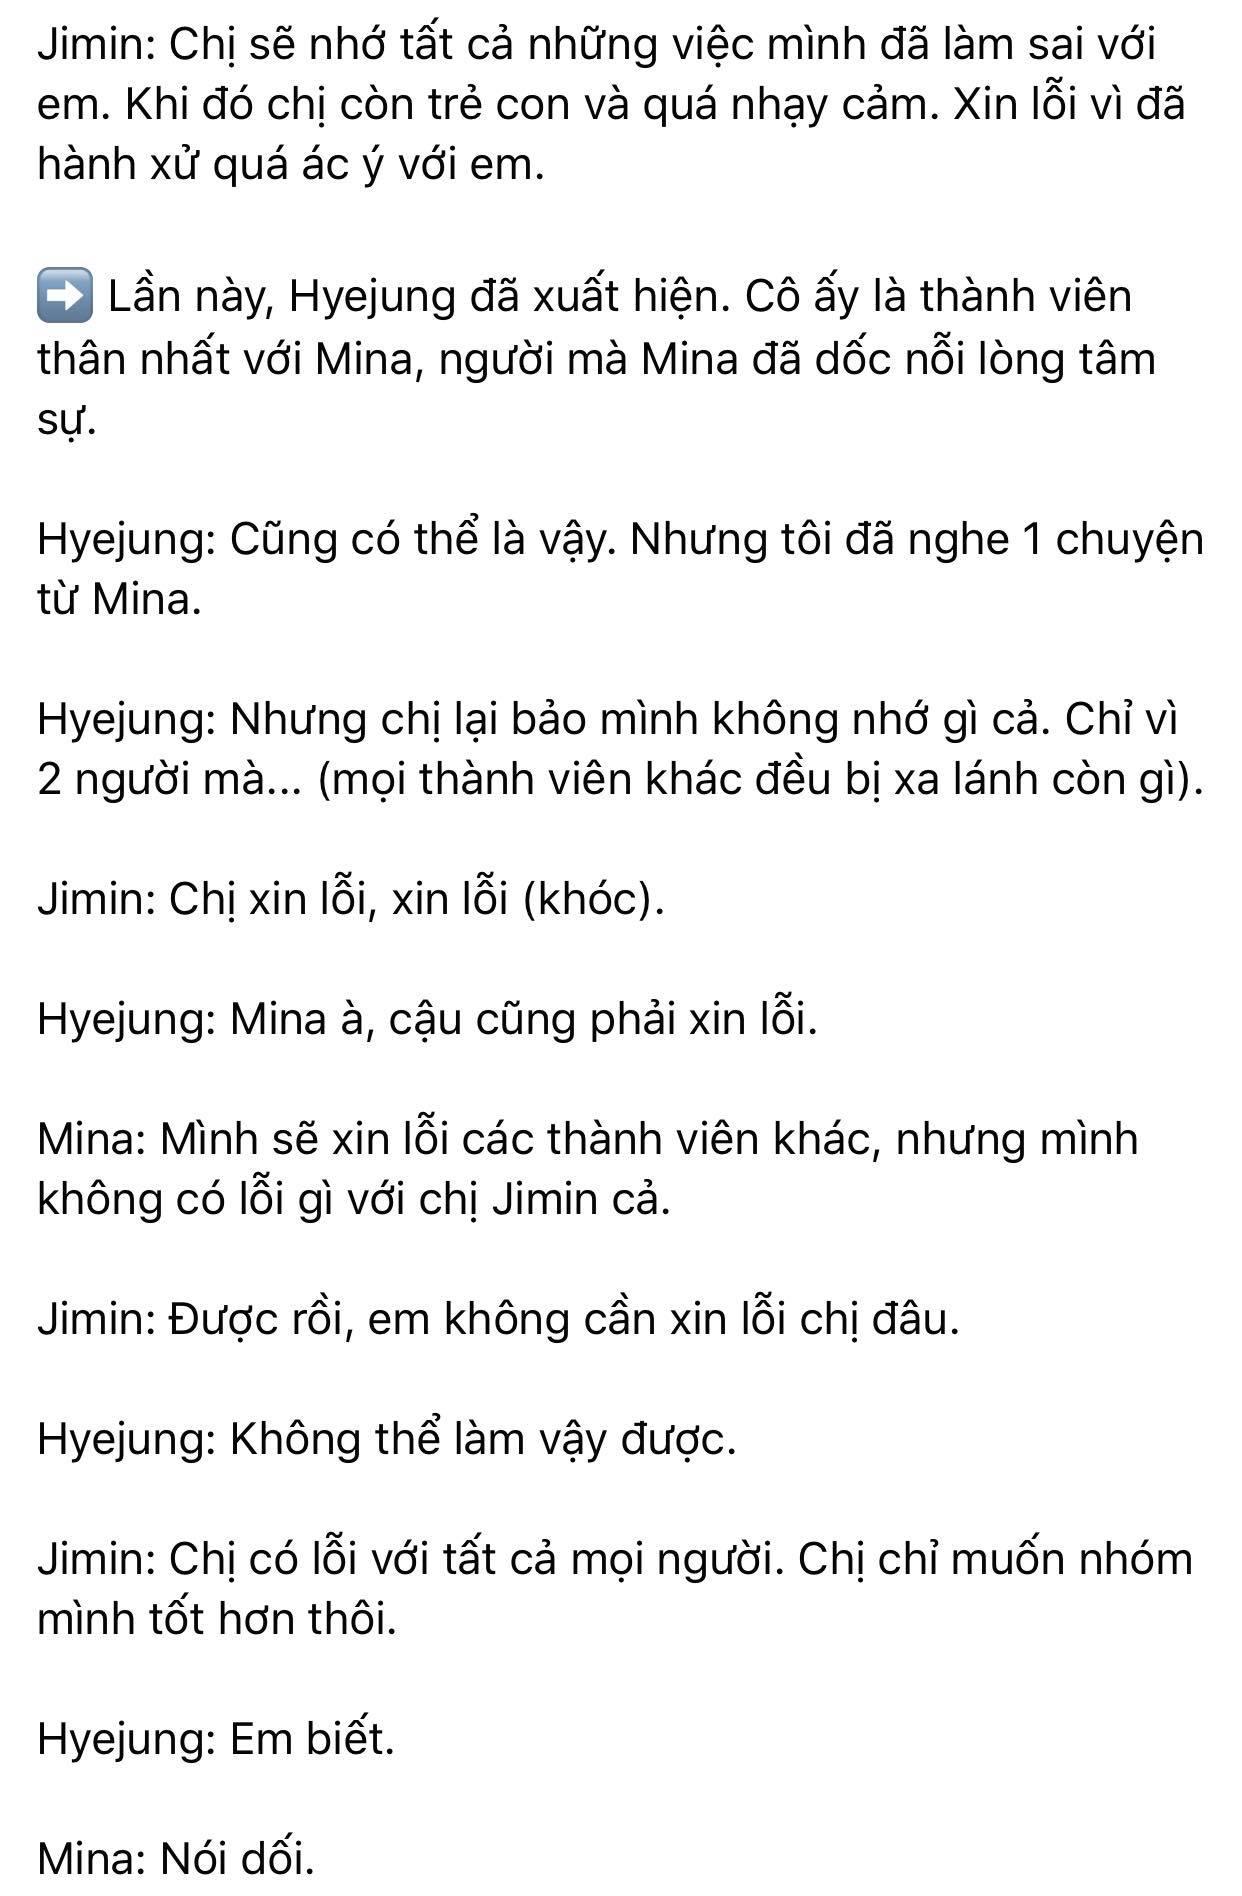 Dispatch khui toàn bộ hội thoại trong buổi gặp mặt AOA: Mina trở thành kẻ cố chấp thích đóng vai nạn nhân 10